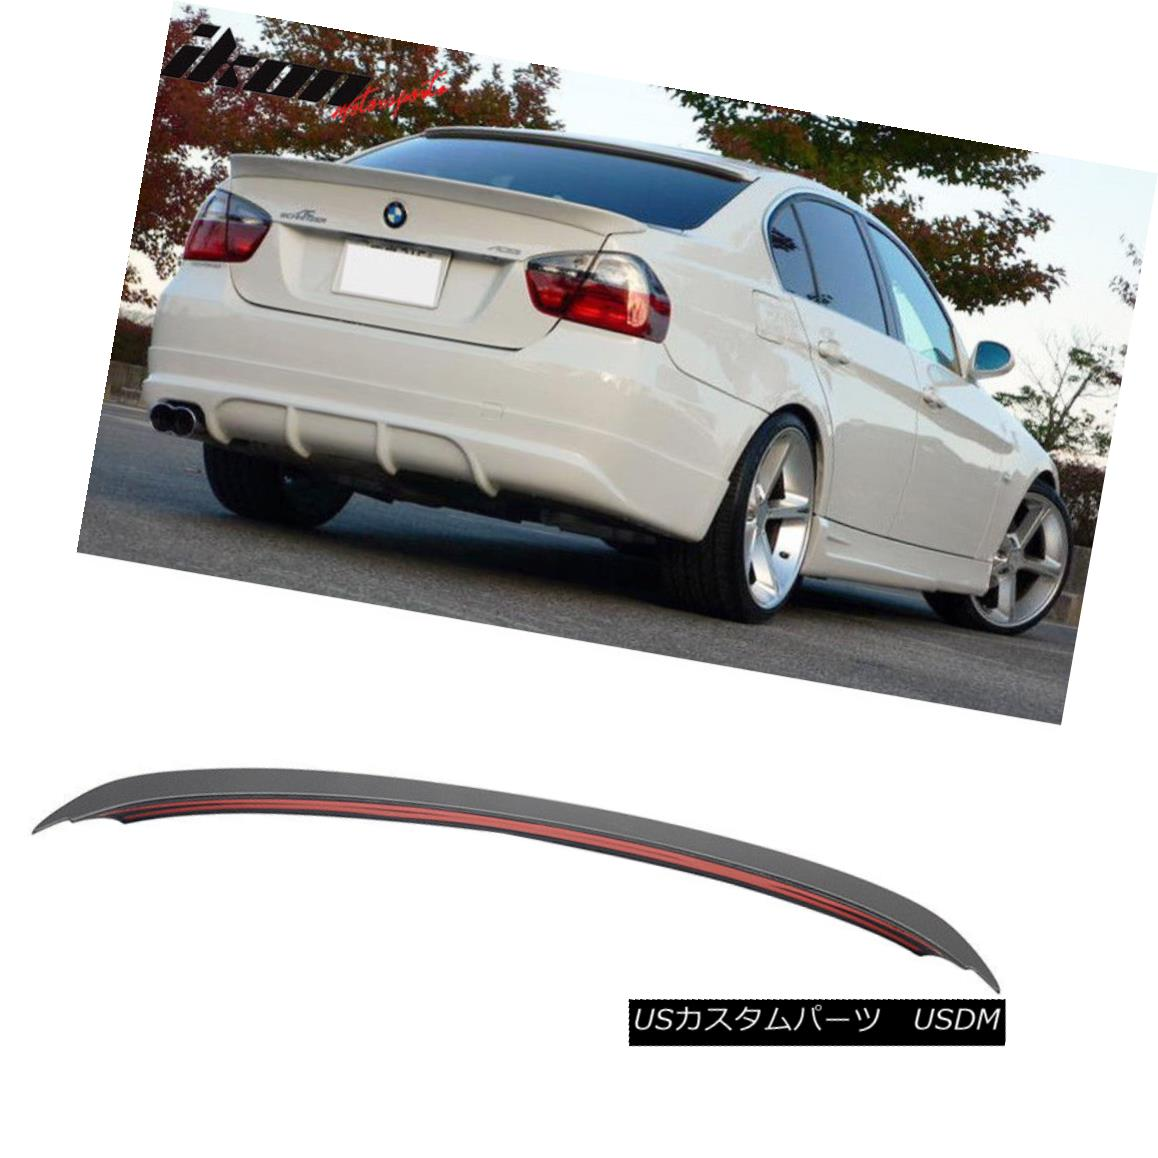 エアロパーツ Fits 06-11 BMW 3-Series E90 Sedan AC Style Unpainted ABS Trunk Spoiler Wing フィット06-11 BMW 3シリーズE90セダンACスタイル未塗装ABSトランクスポイラーウィング